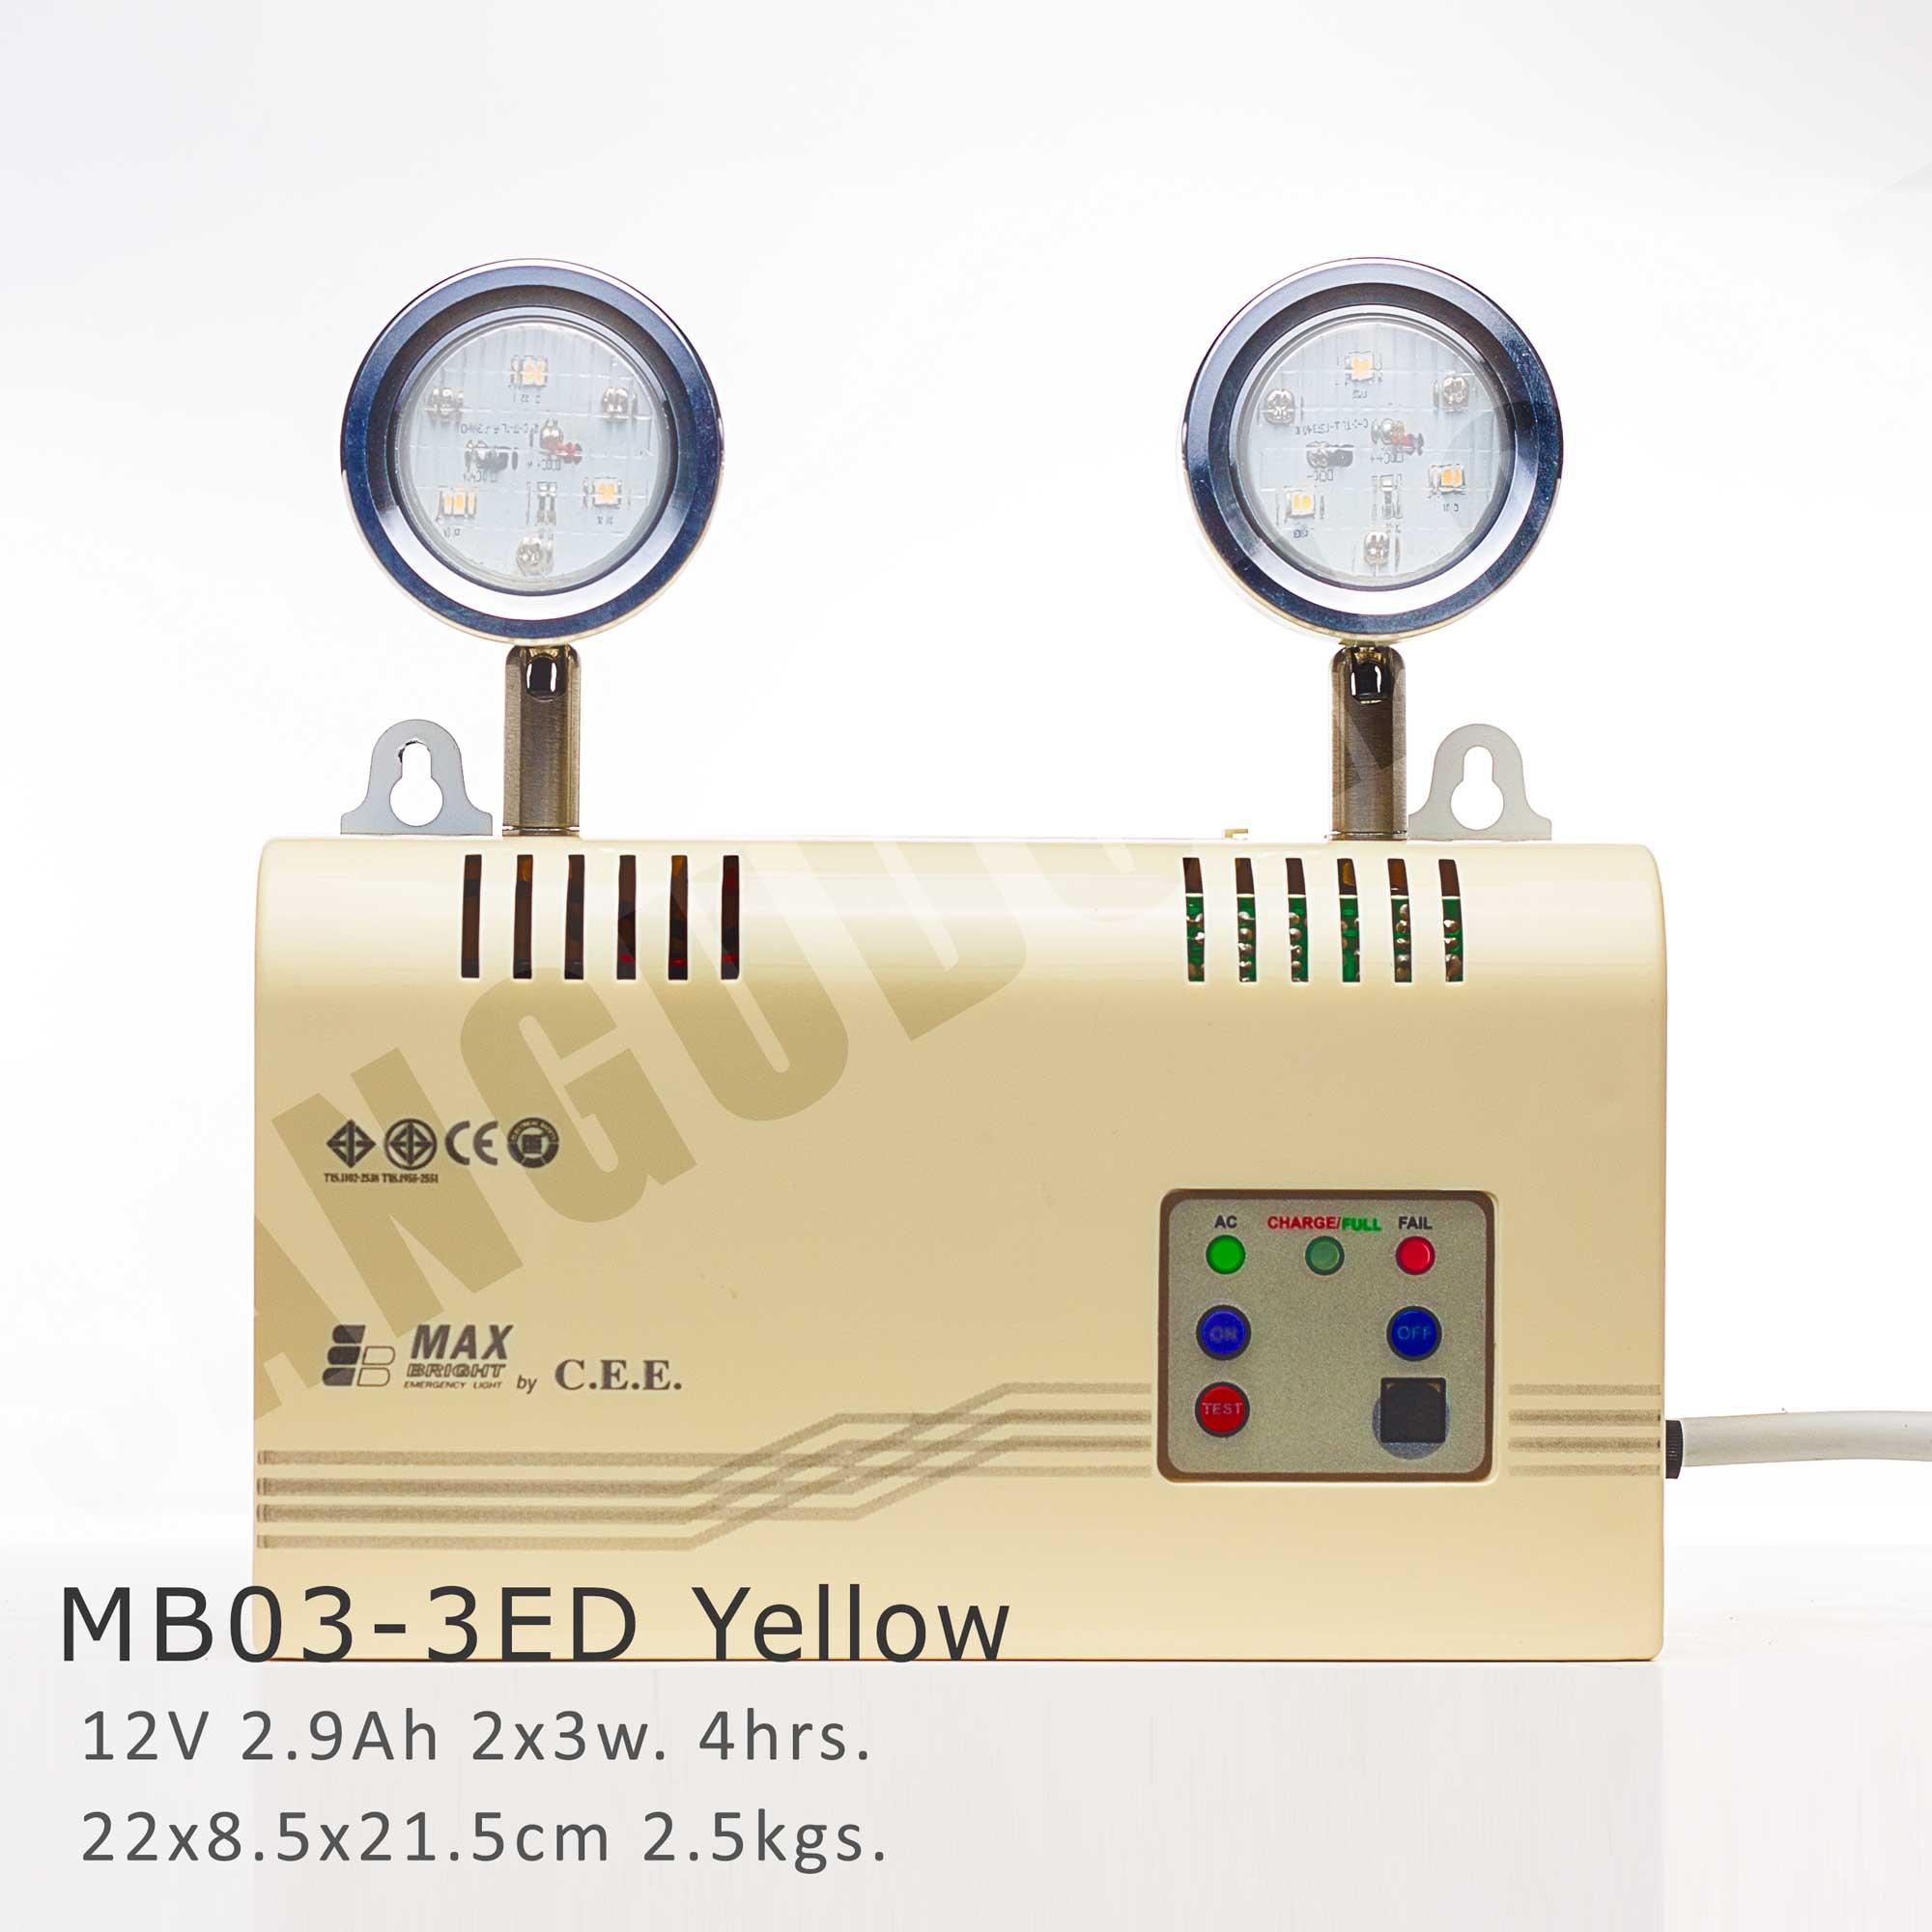 โคมไฟฉุกเฉิน LED 2 หลอด 3 watt 12V 2.9Ah 4hrs สีเหลือง MB03-3ED MAX BRIGHT Emergency Light